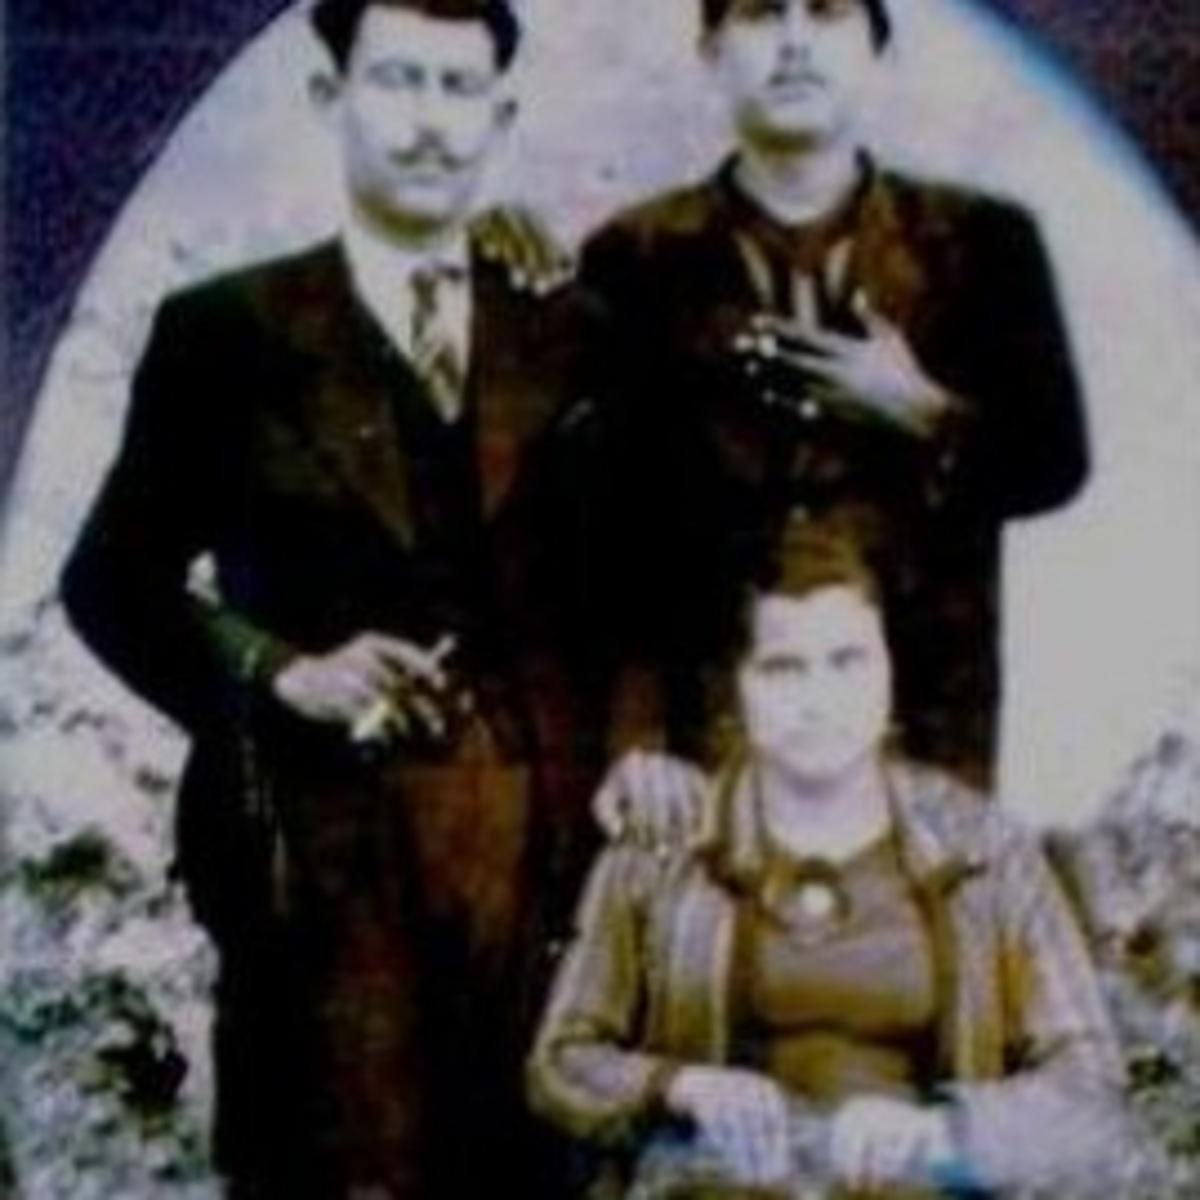 Κρήτη:»Γνώρισα την ηρωίδα μάνα μου μέσα από φωτογραφίες»! | Newsit.gr